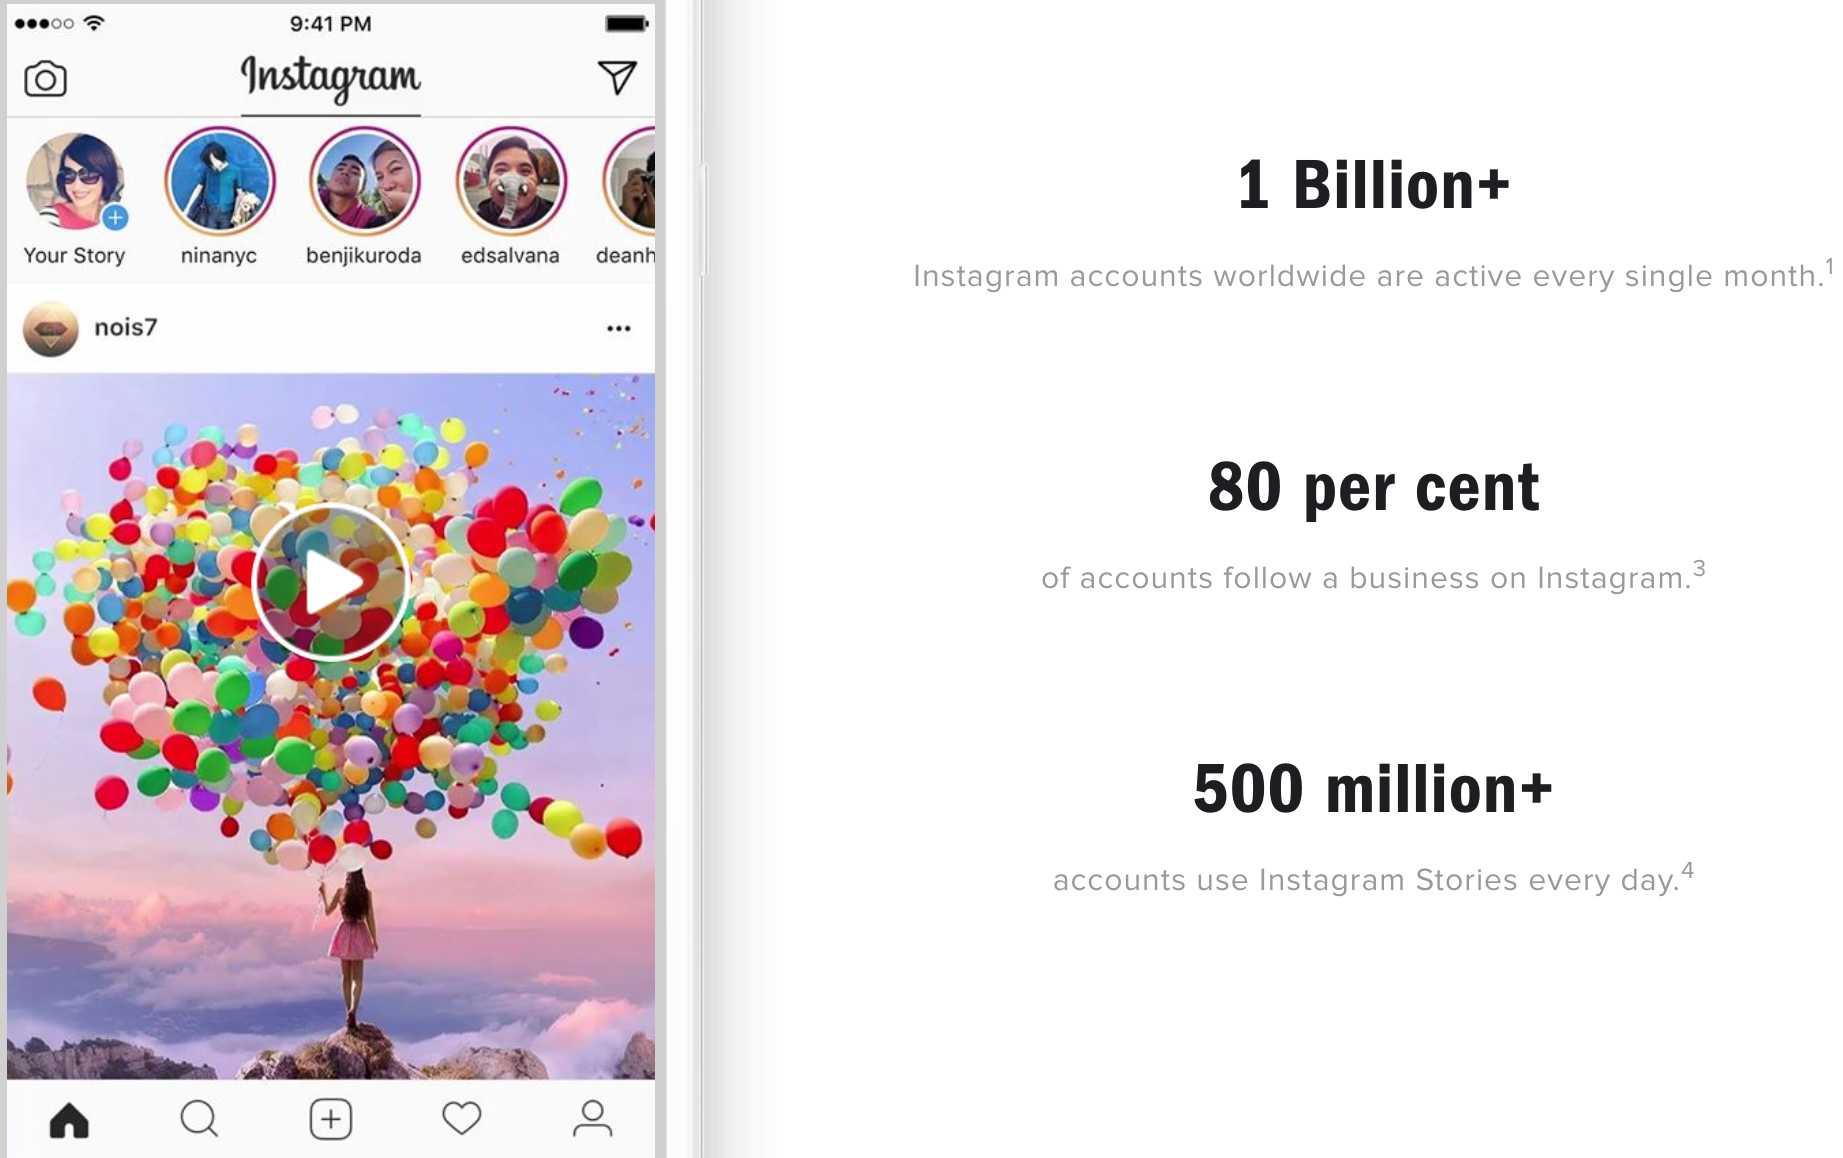 Instagram 2019 Active User Statistics